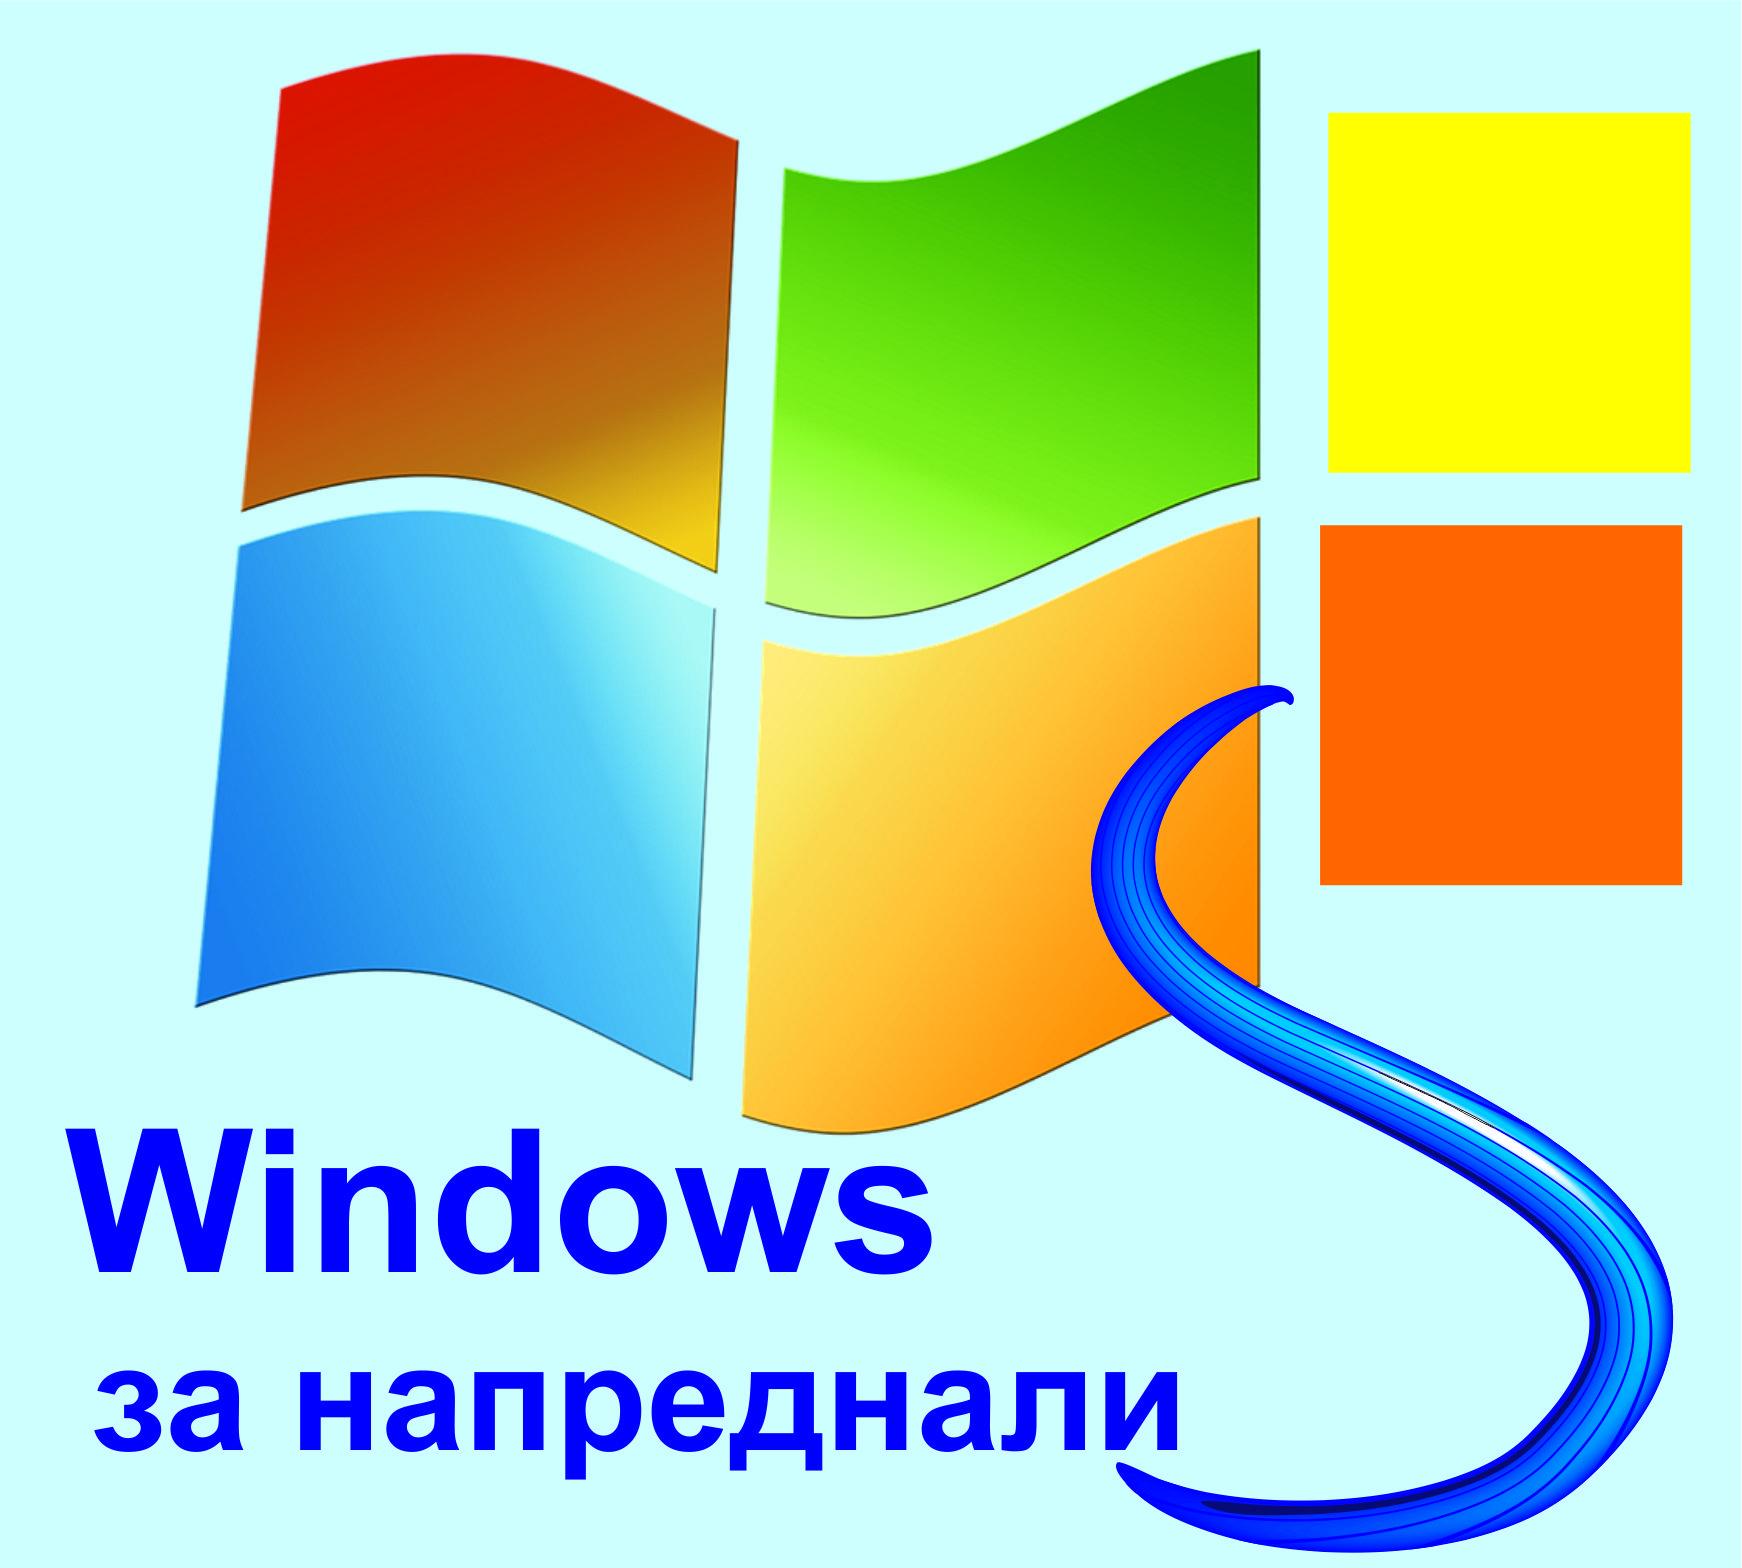 Windows up